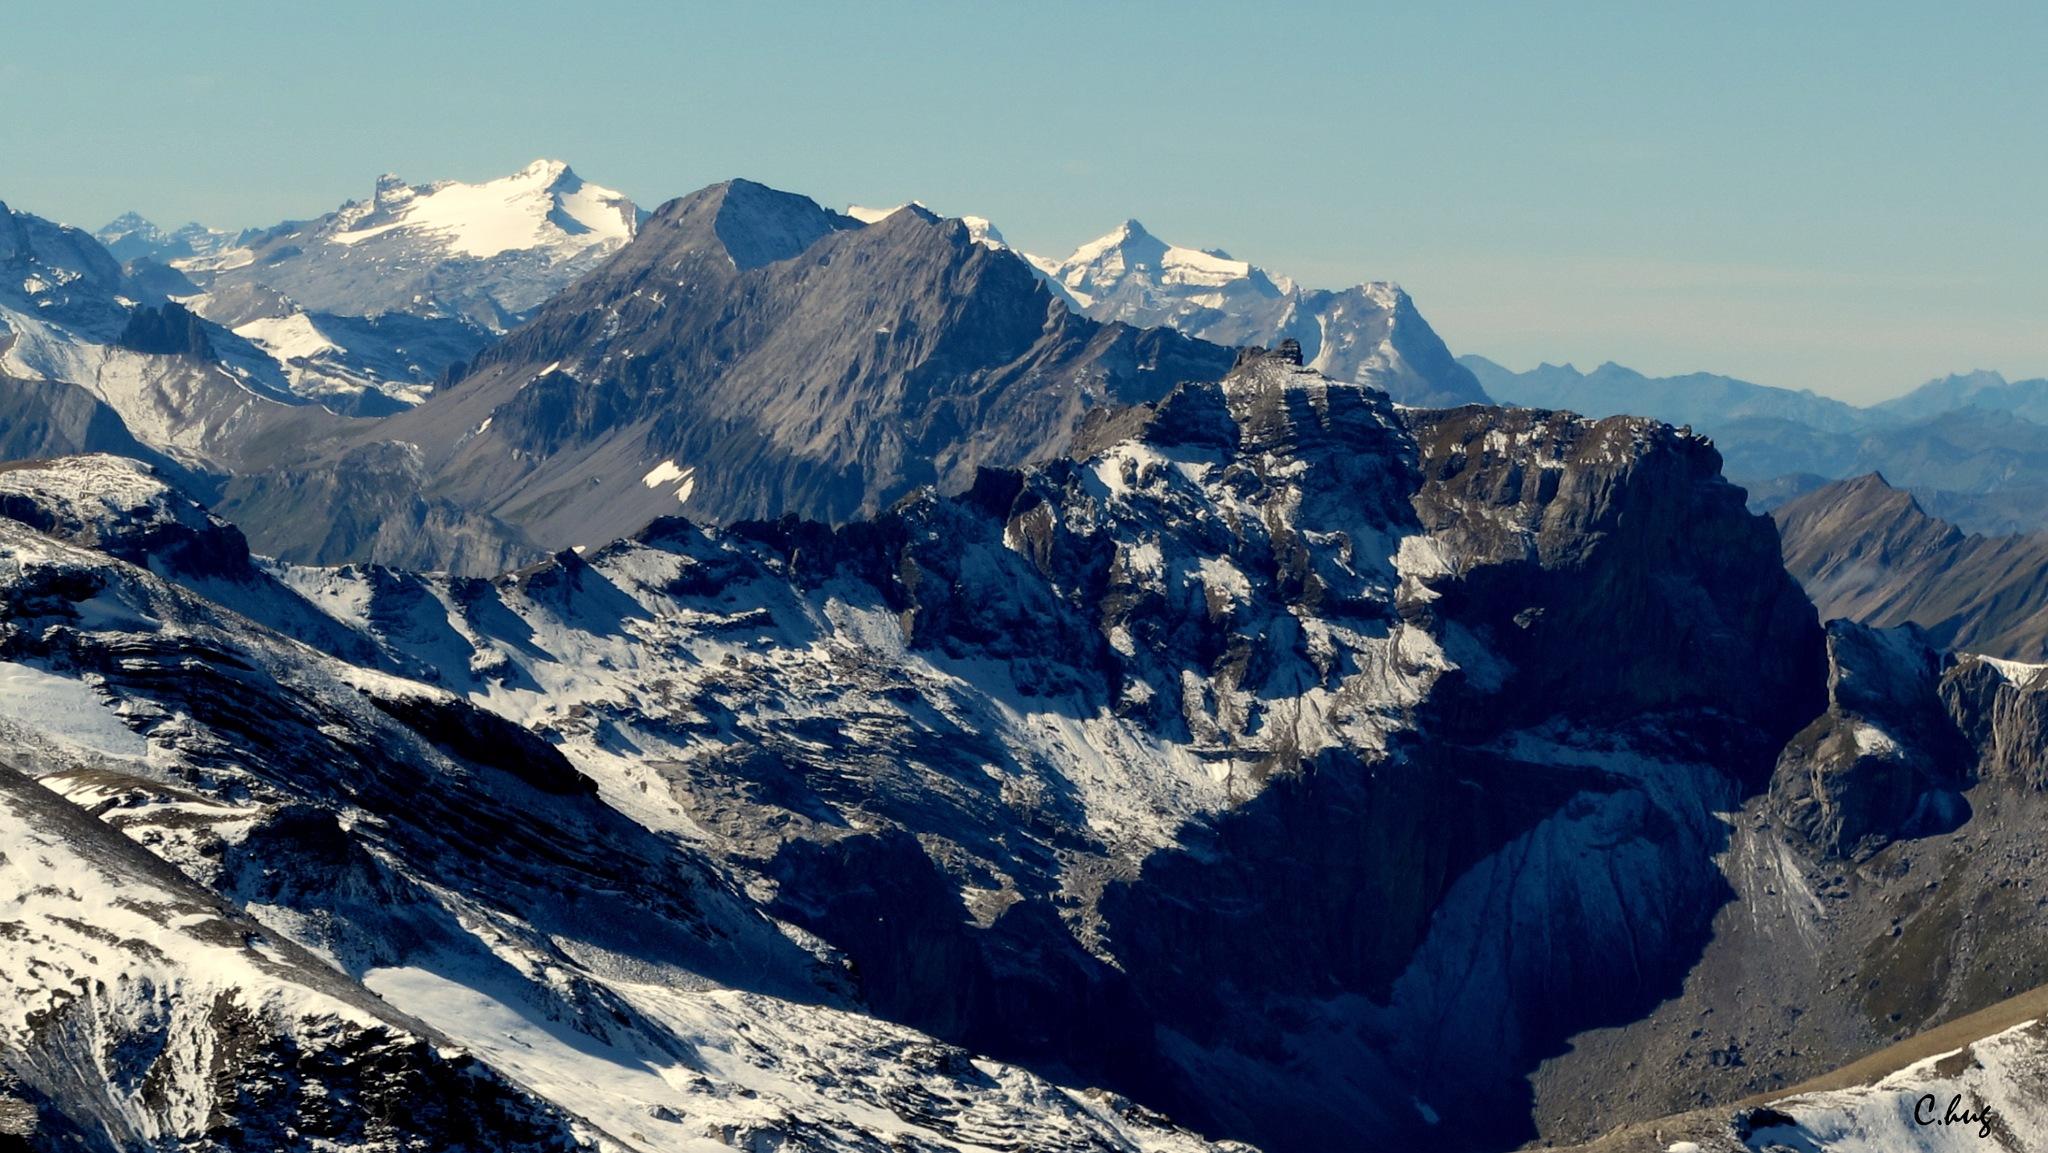 La haute montagne by Huguenin Claude